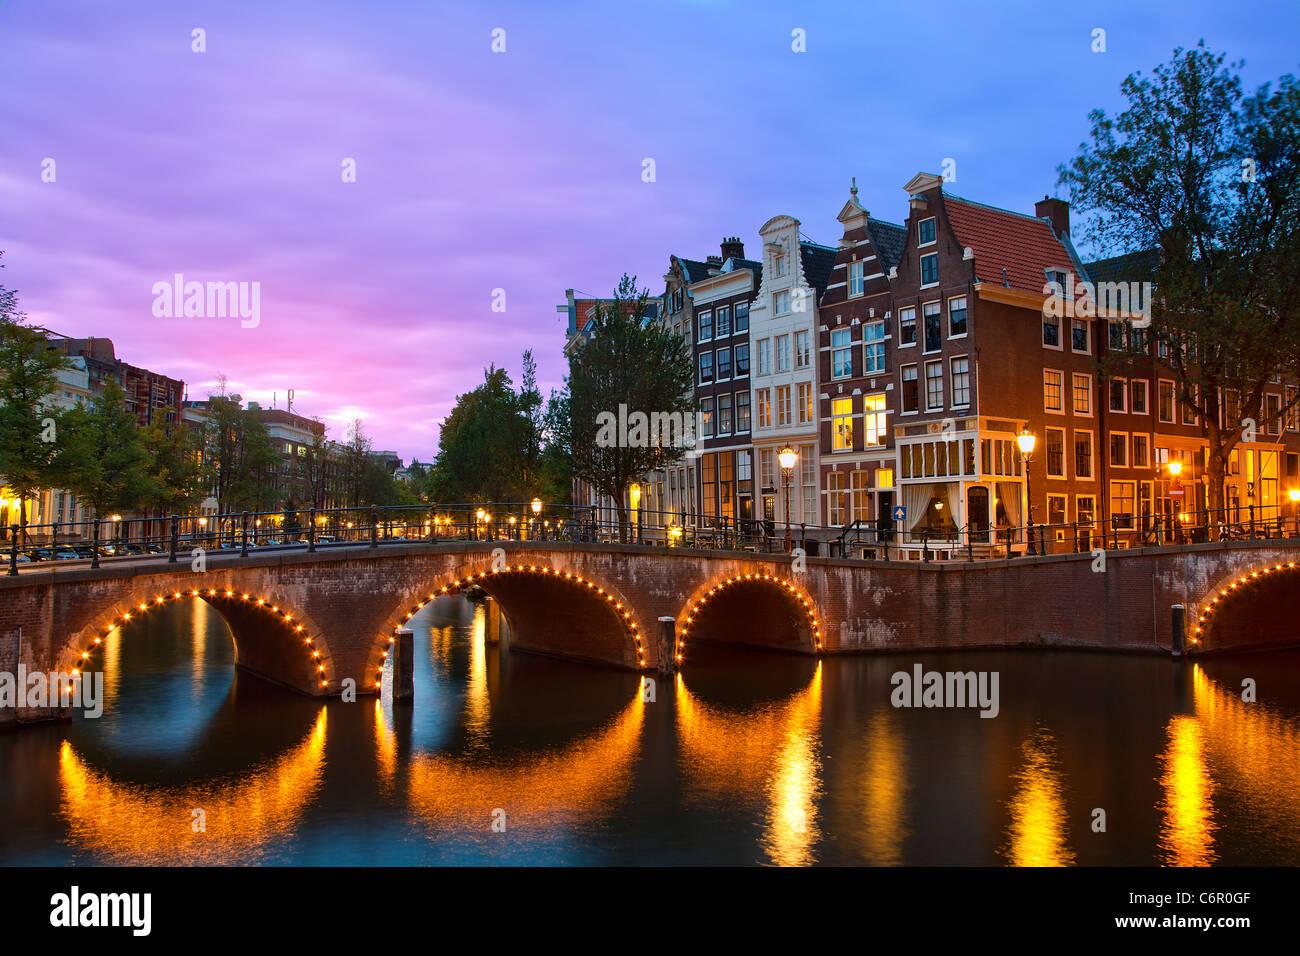 Europa, Países Bajos, Keizersgracht Canal en Amsterdam al atardecer Foto de stock